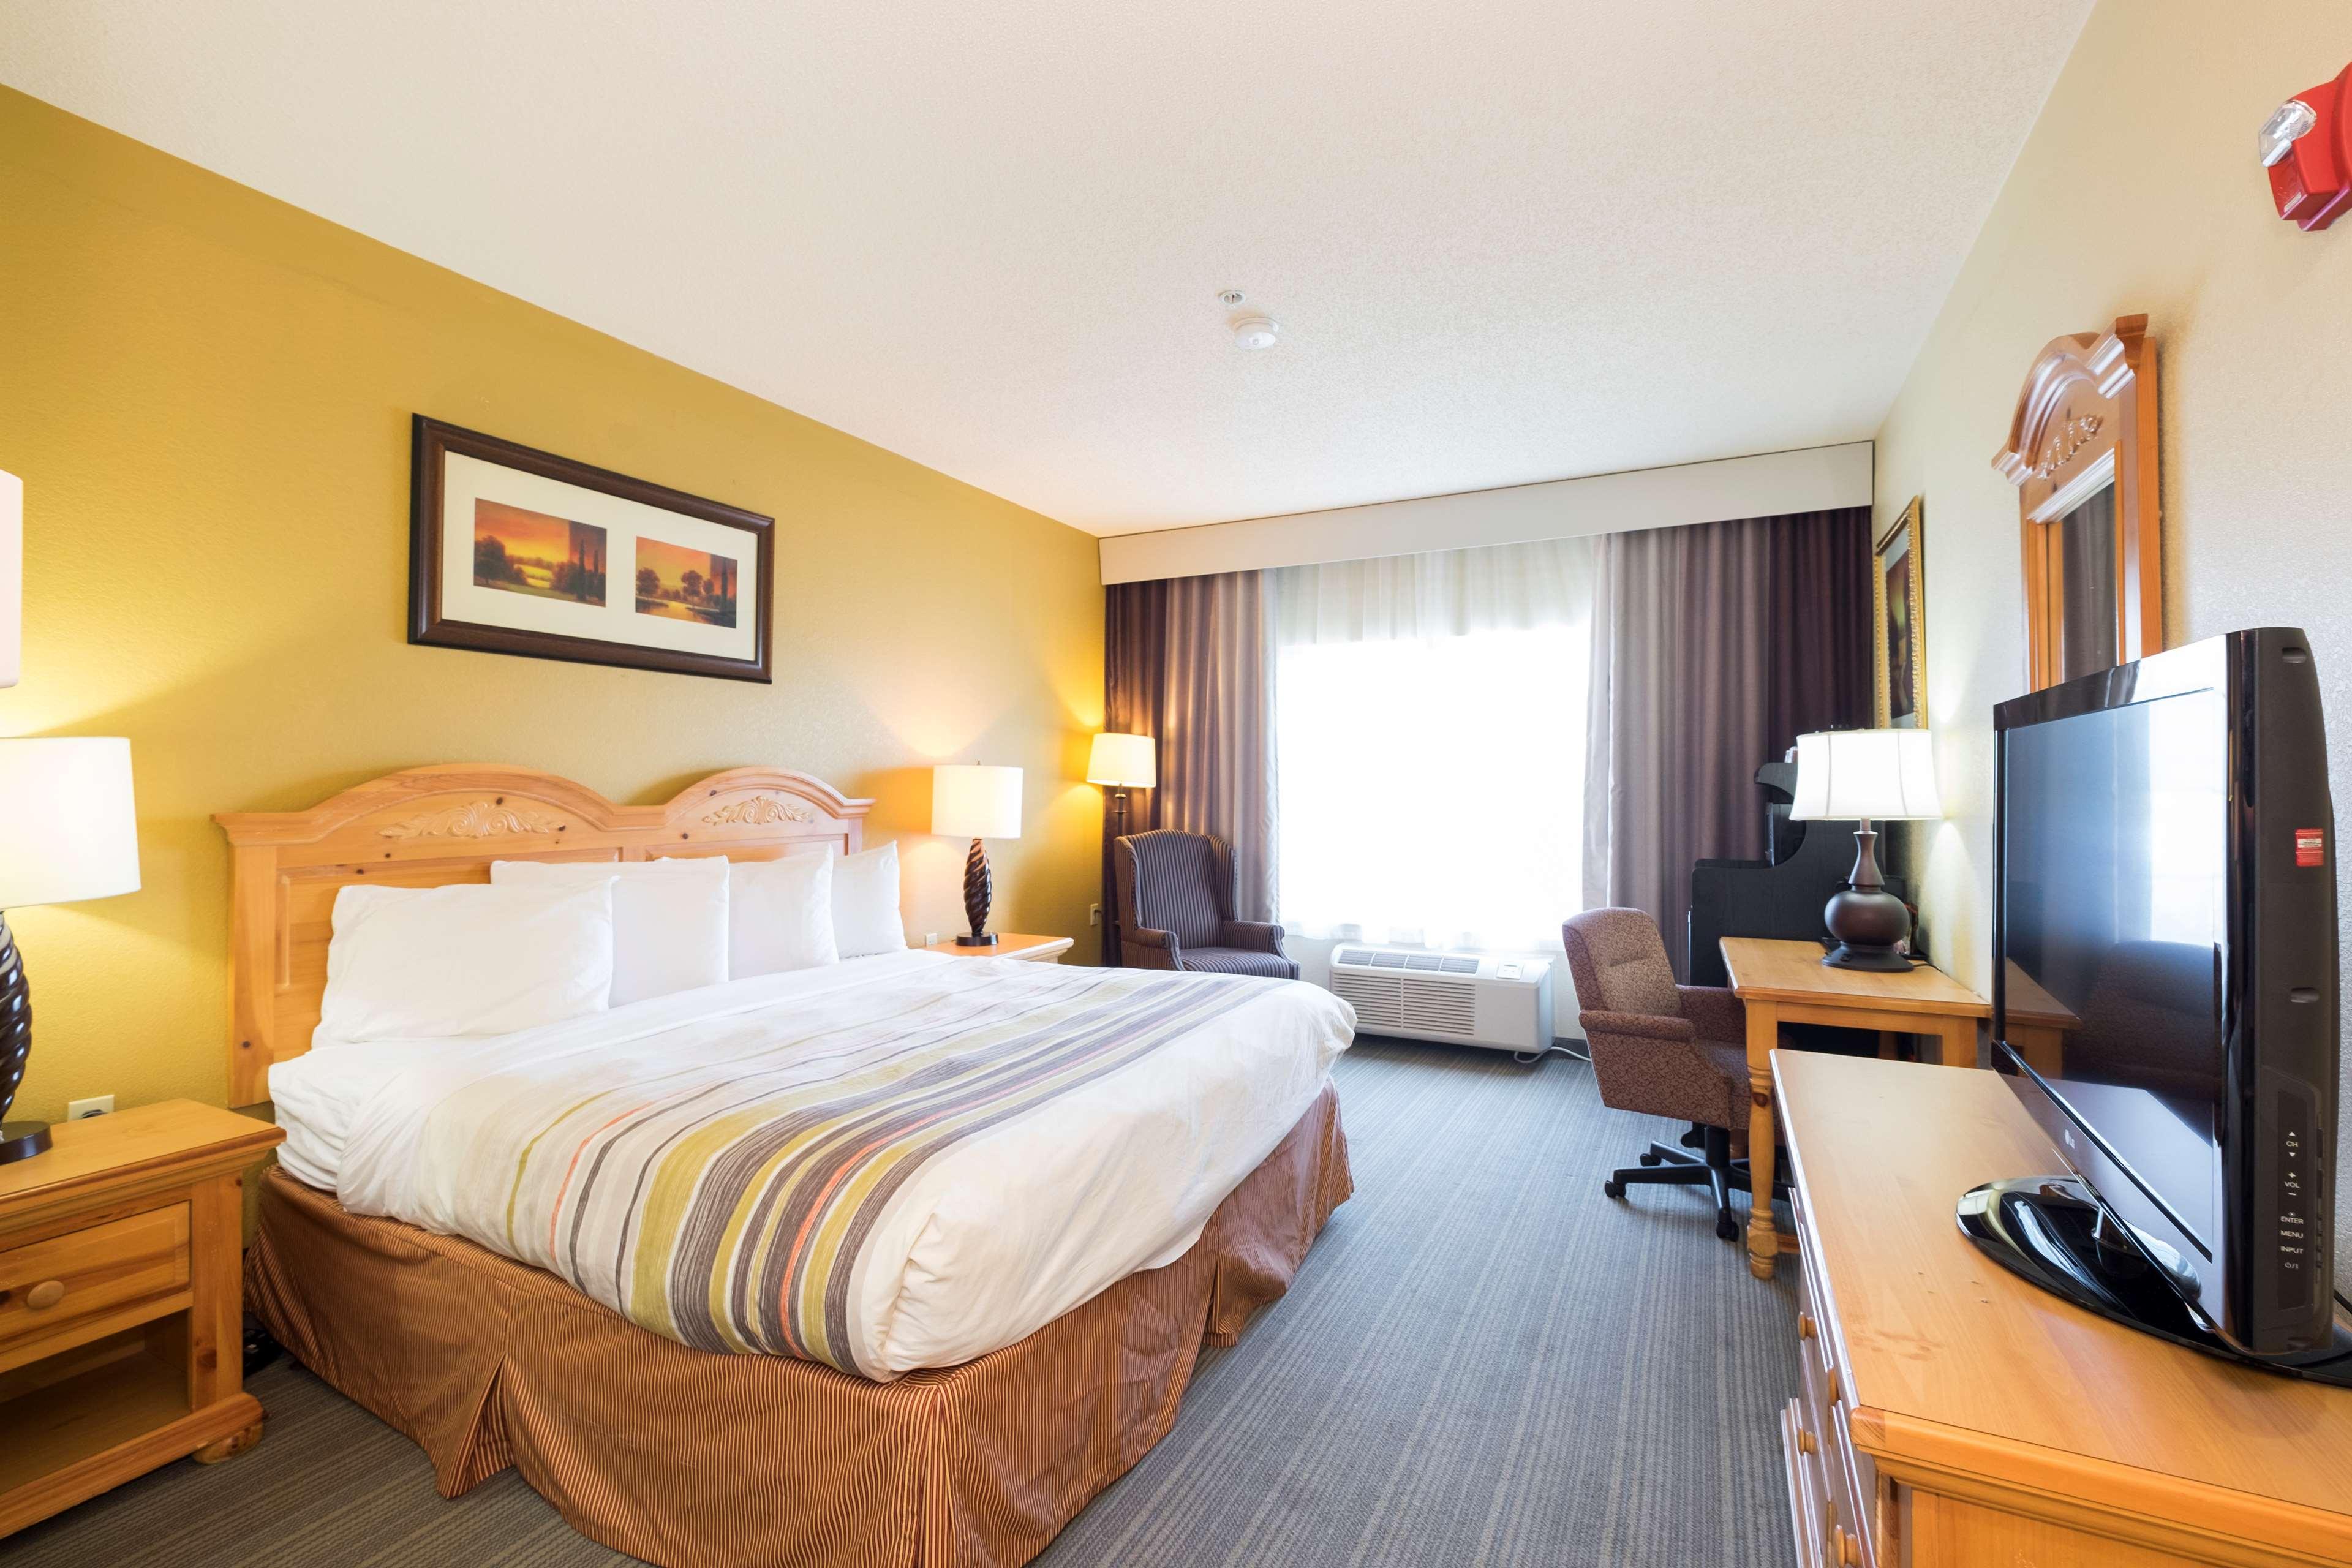 King Suite-Bedroom view